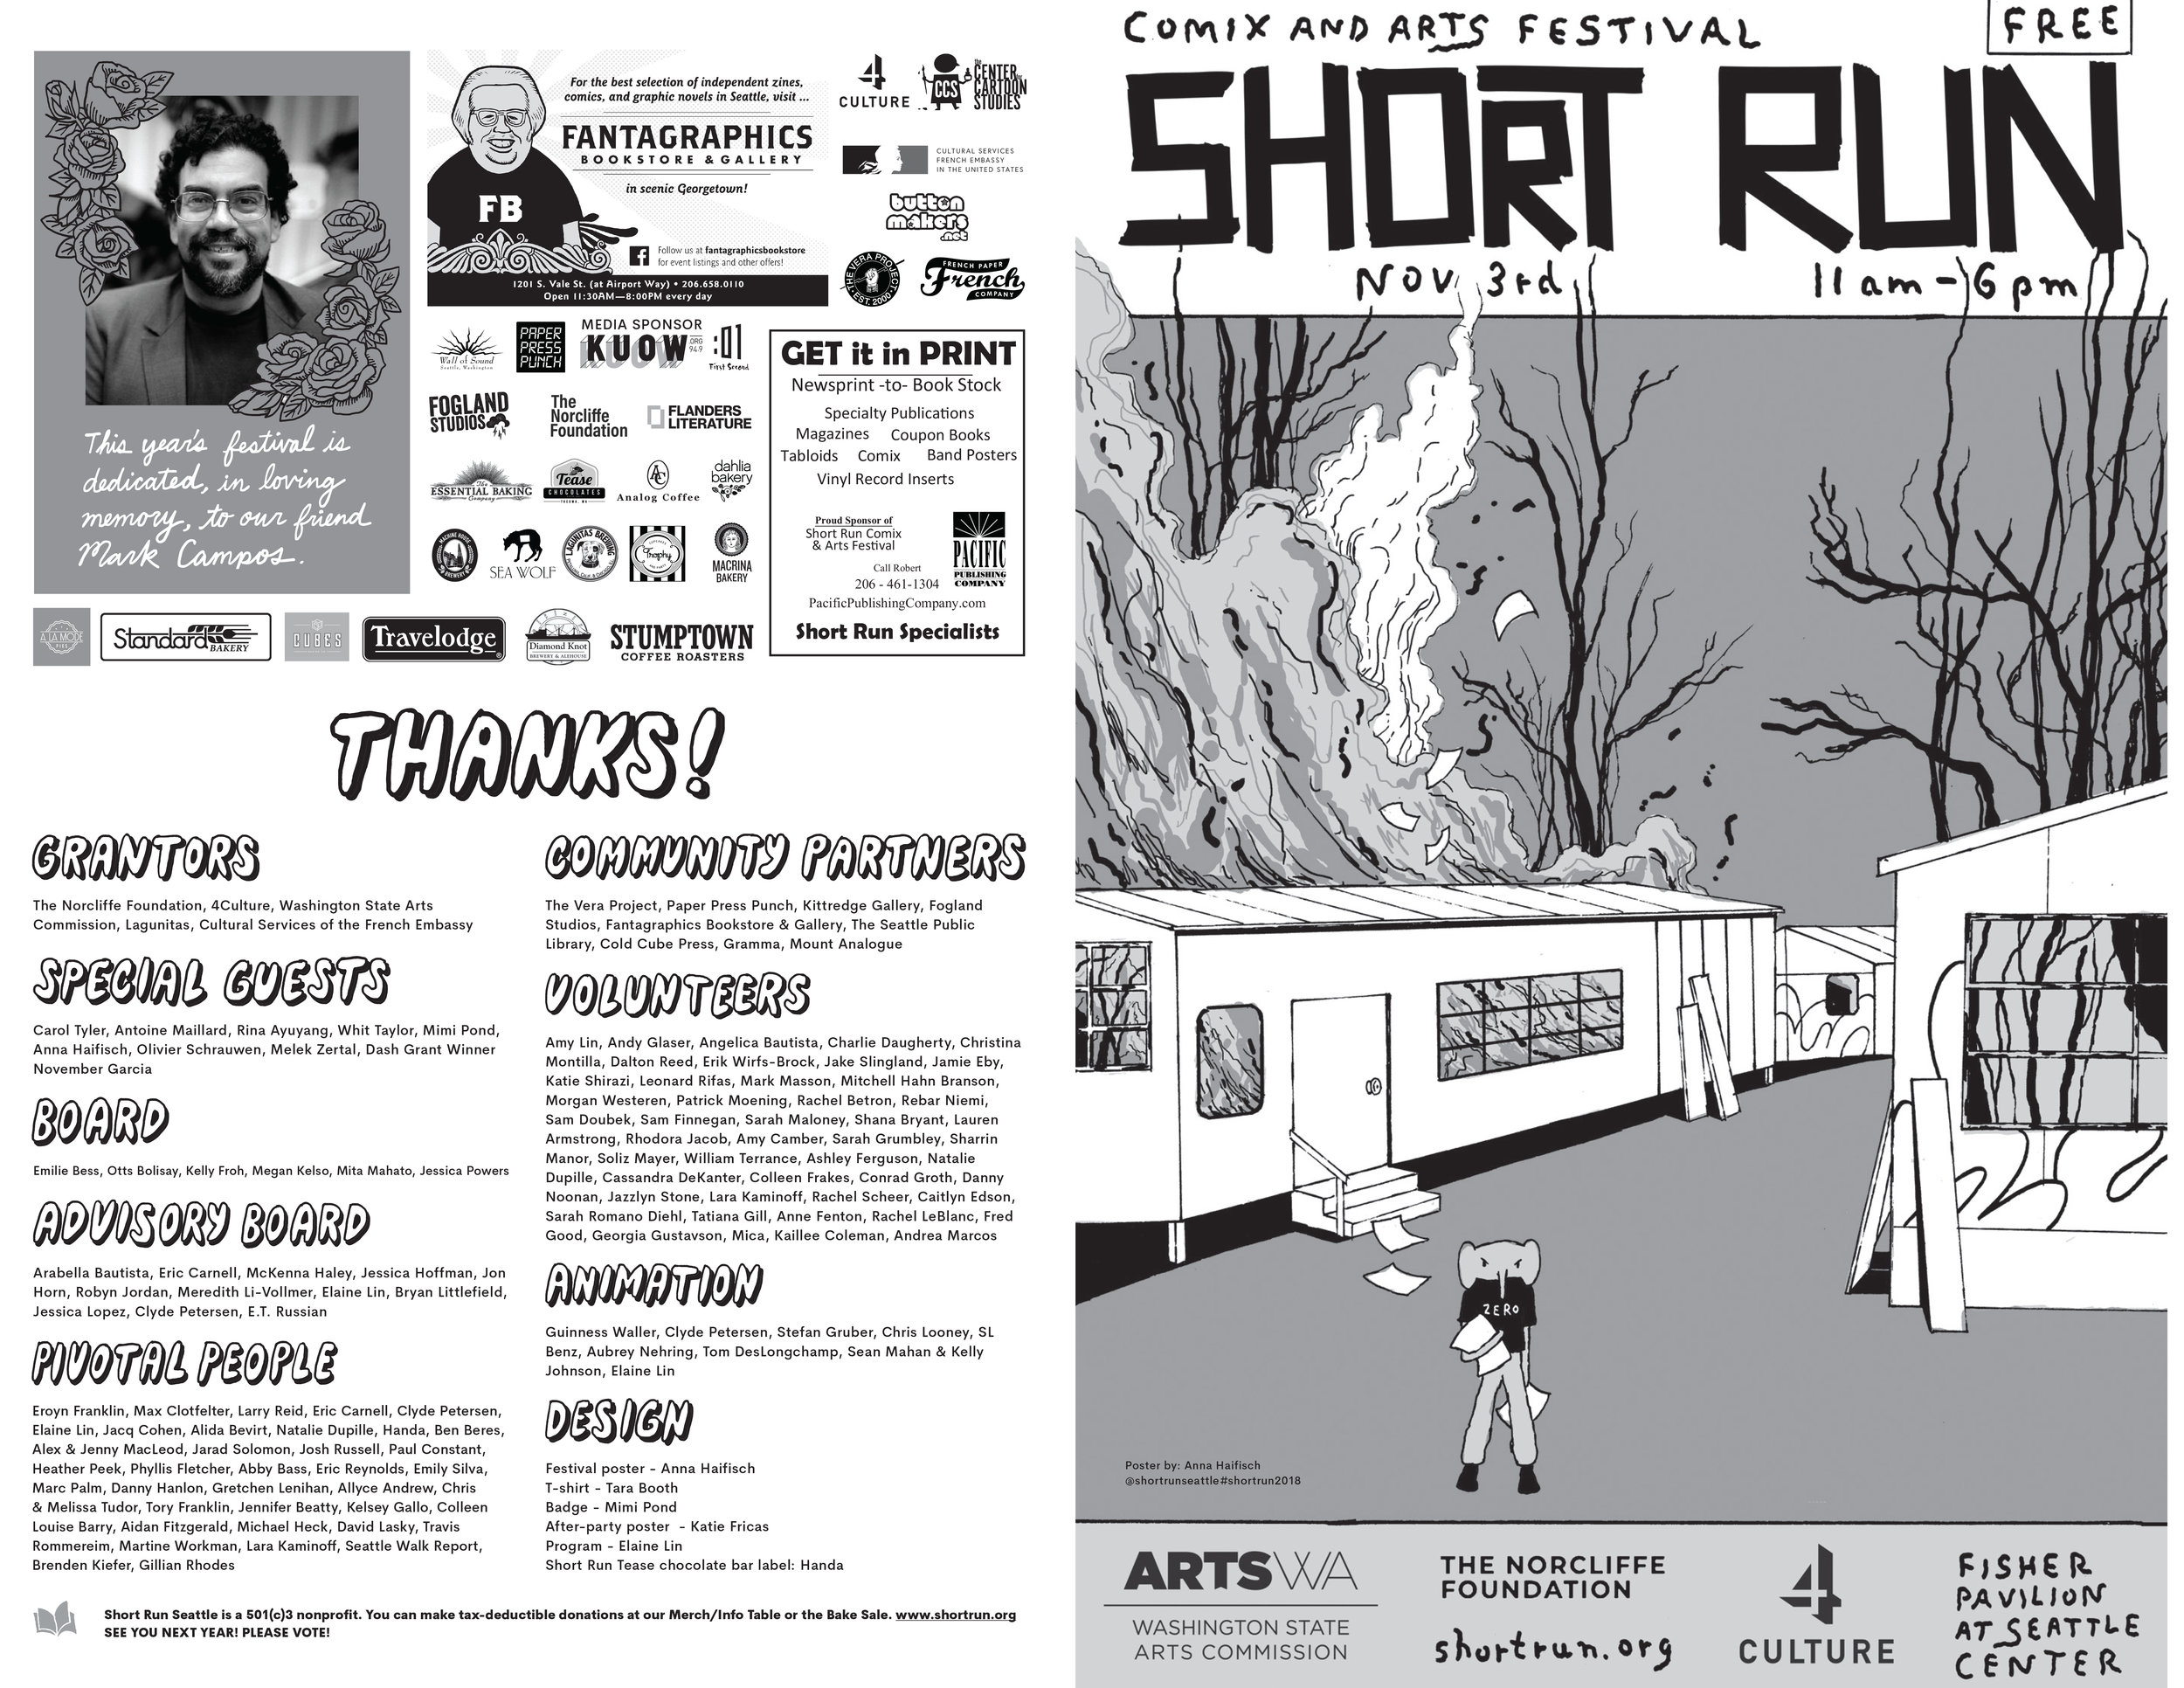 ShortRun2018_Program-1.jpg